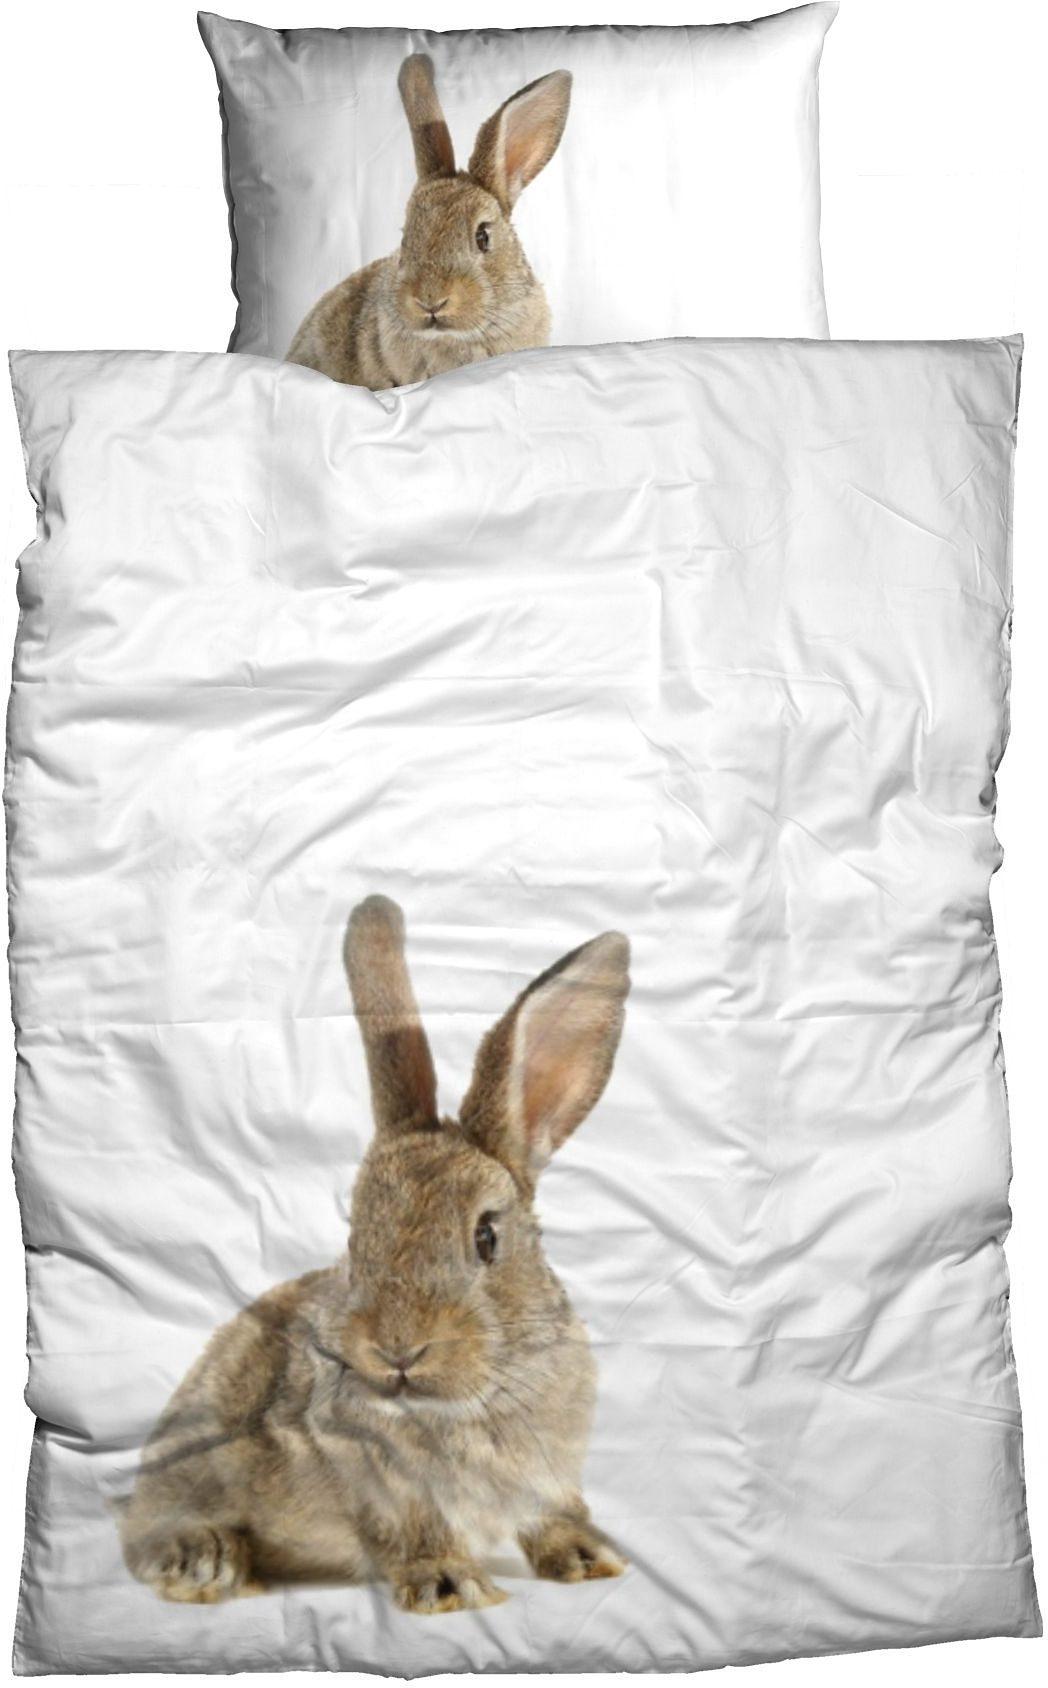 Bettwäsche, Casatex, »Hase«, großes Tiermotiv